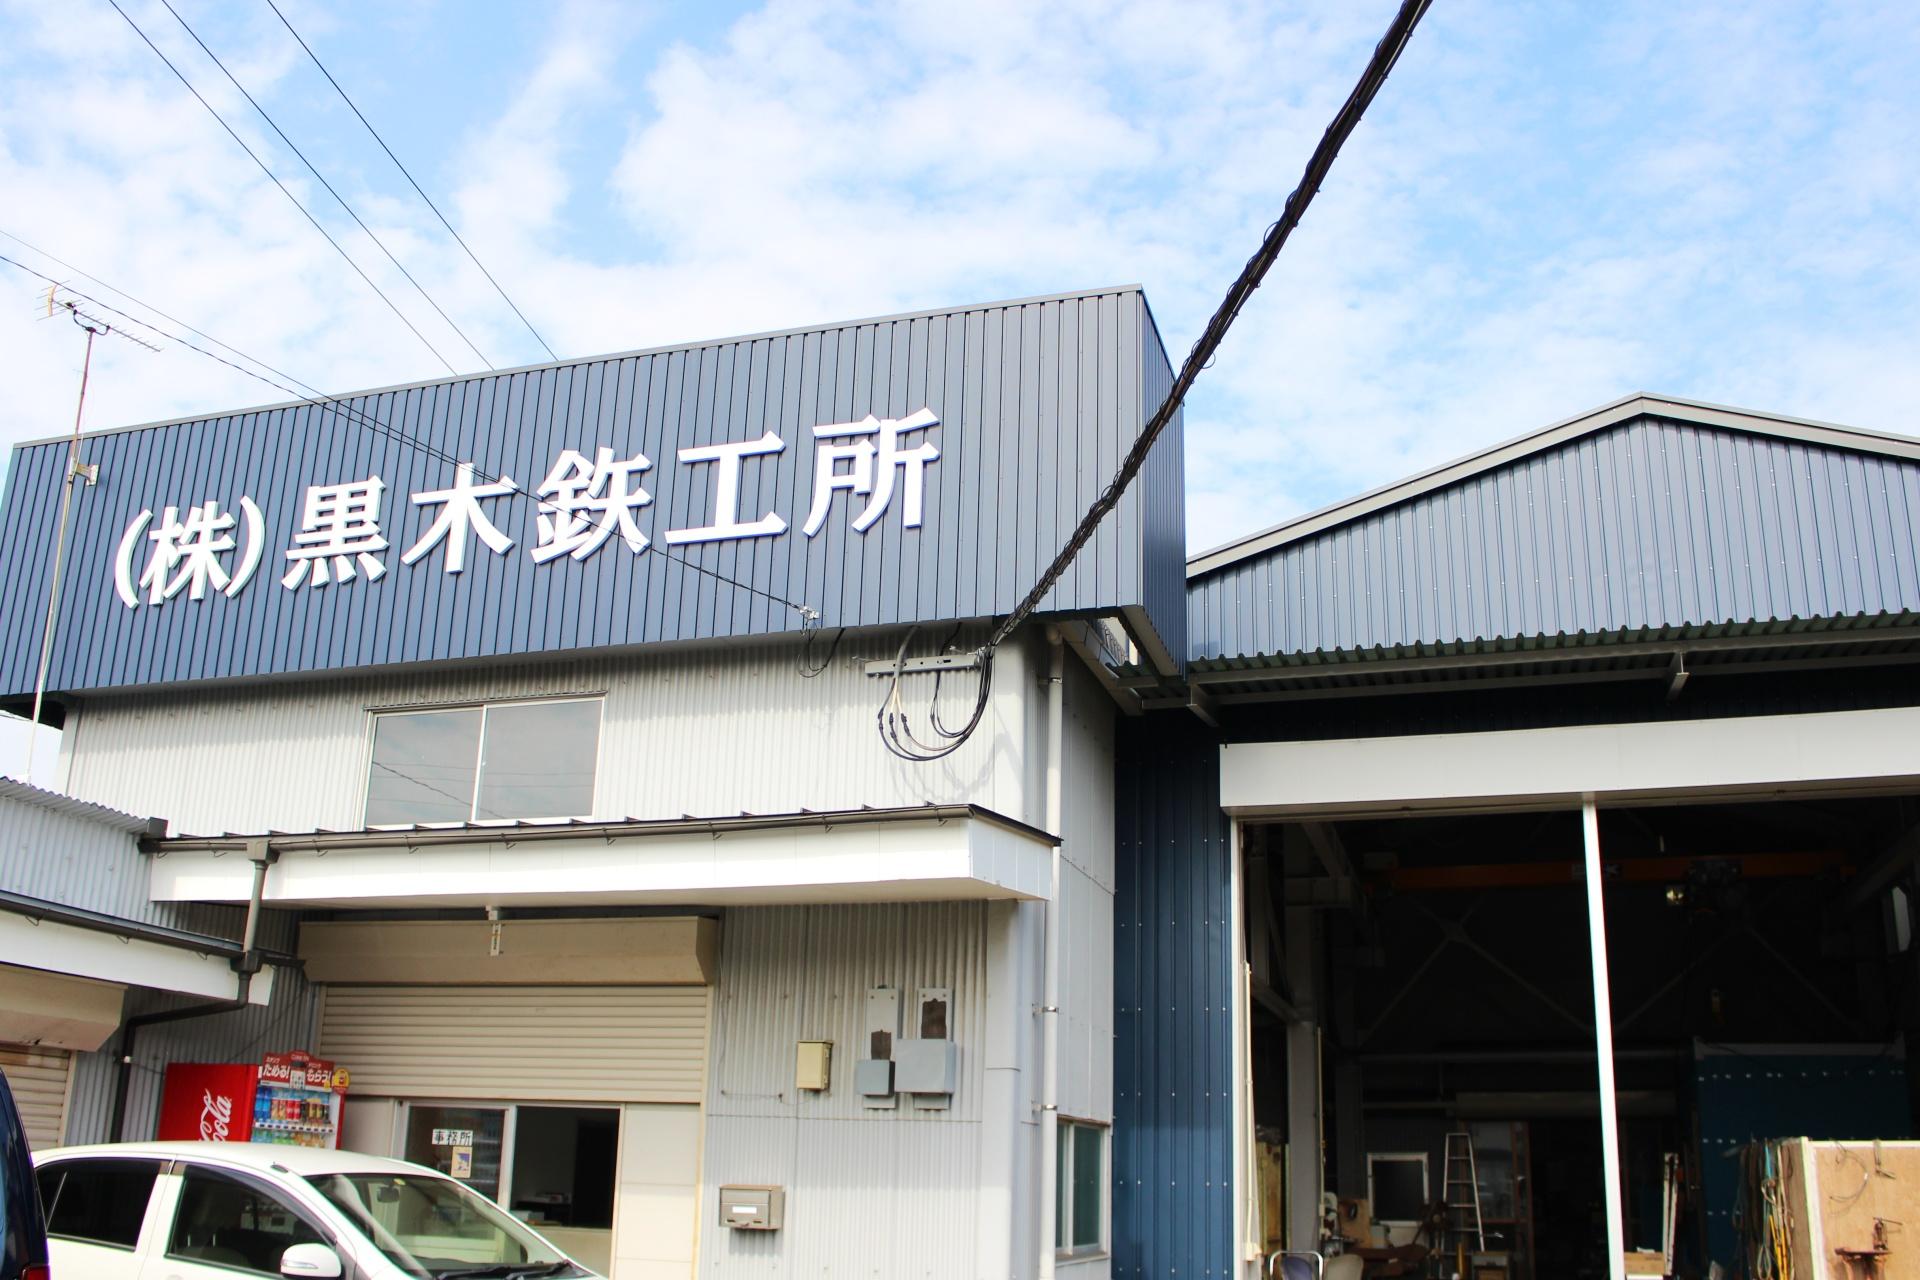 株式会社黒木鉄工所